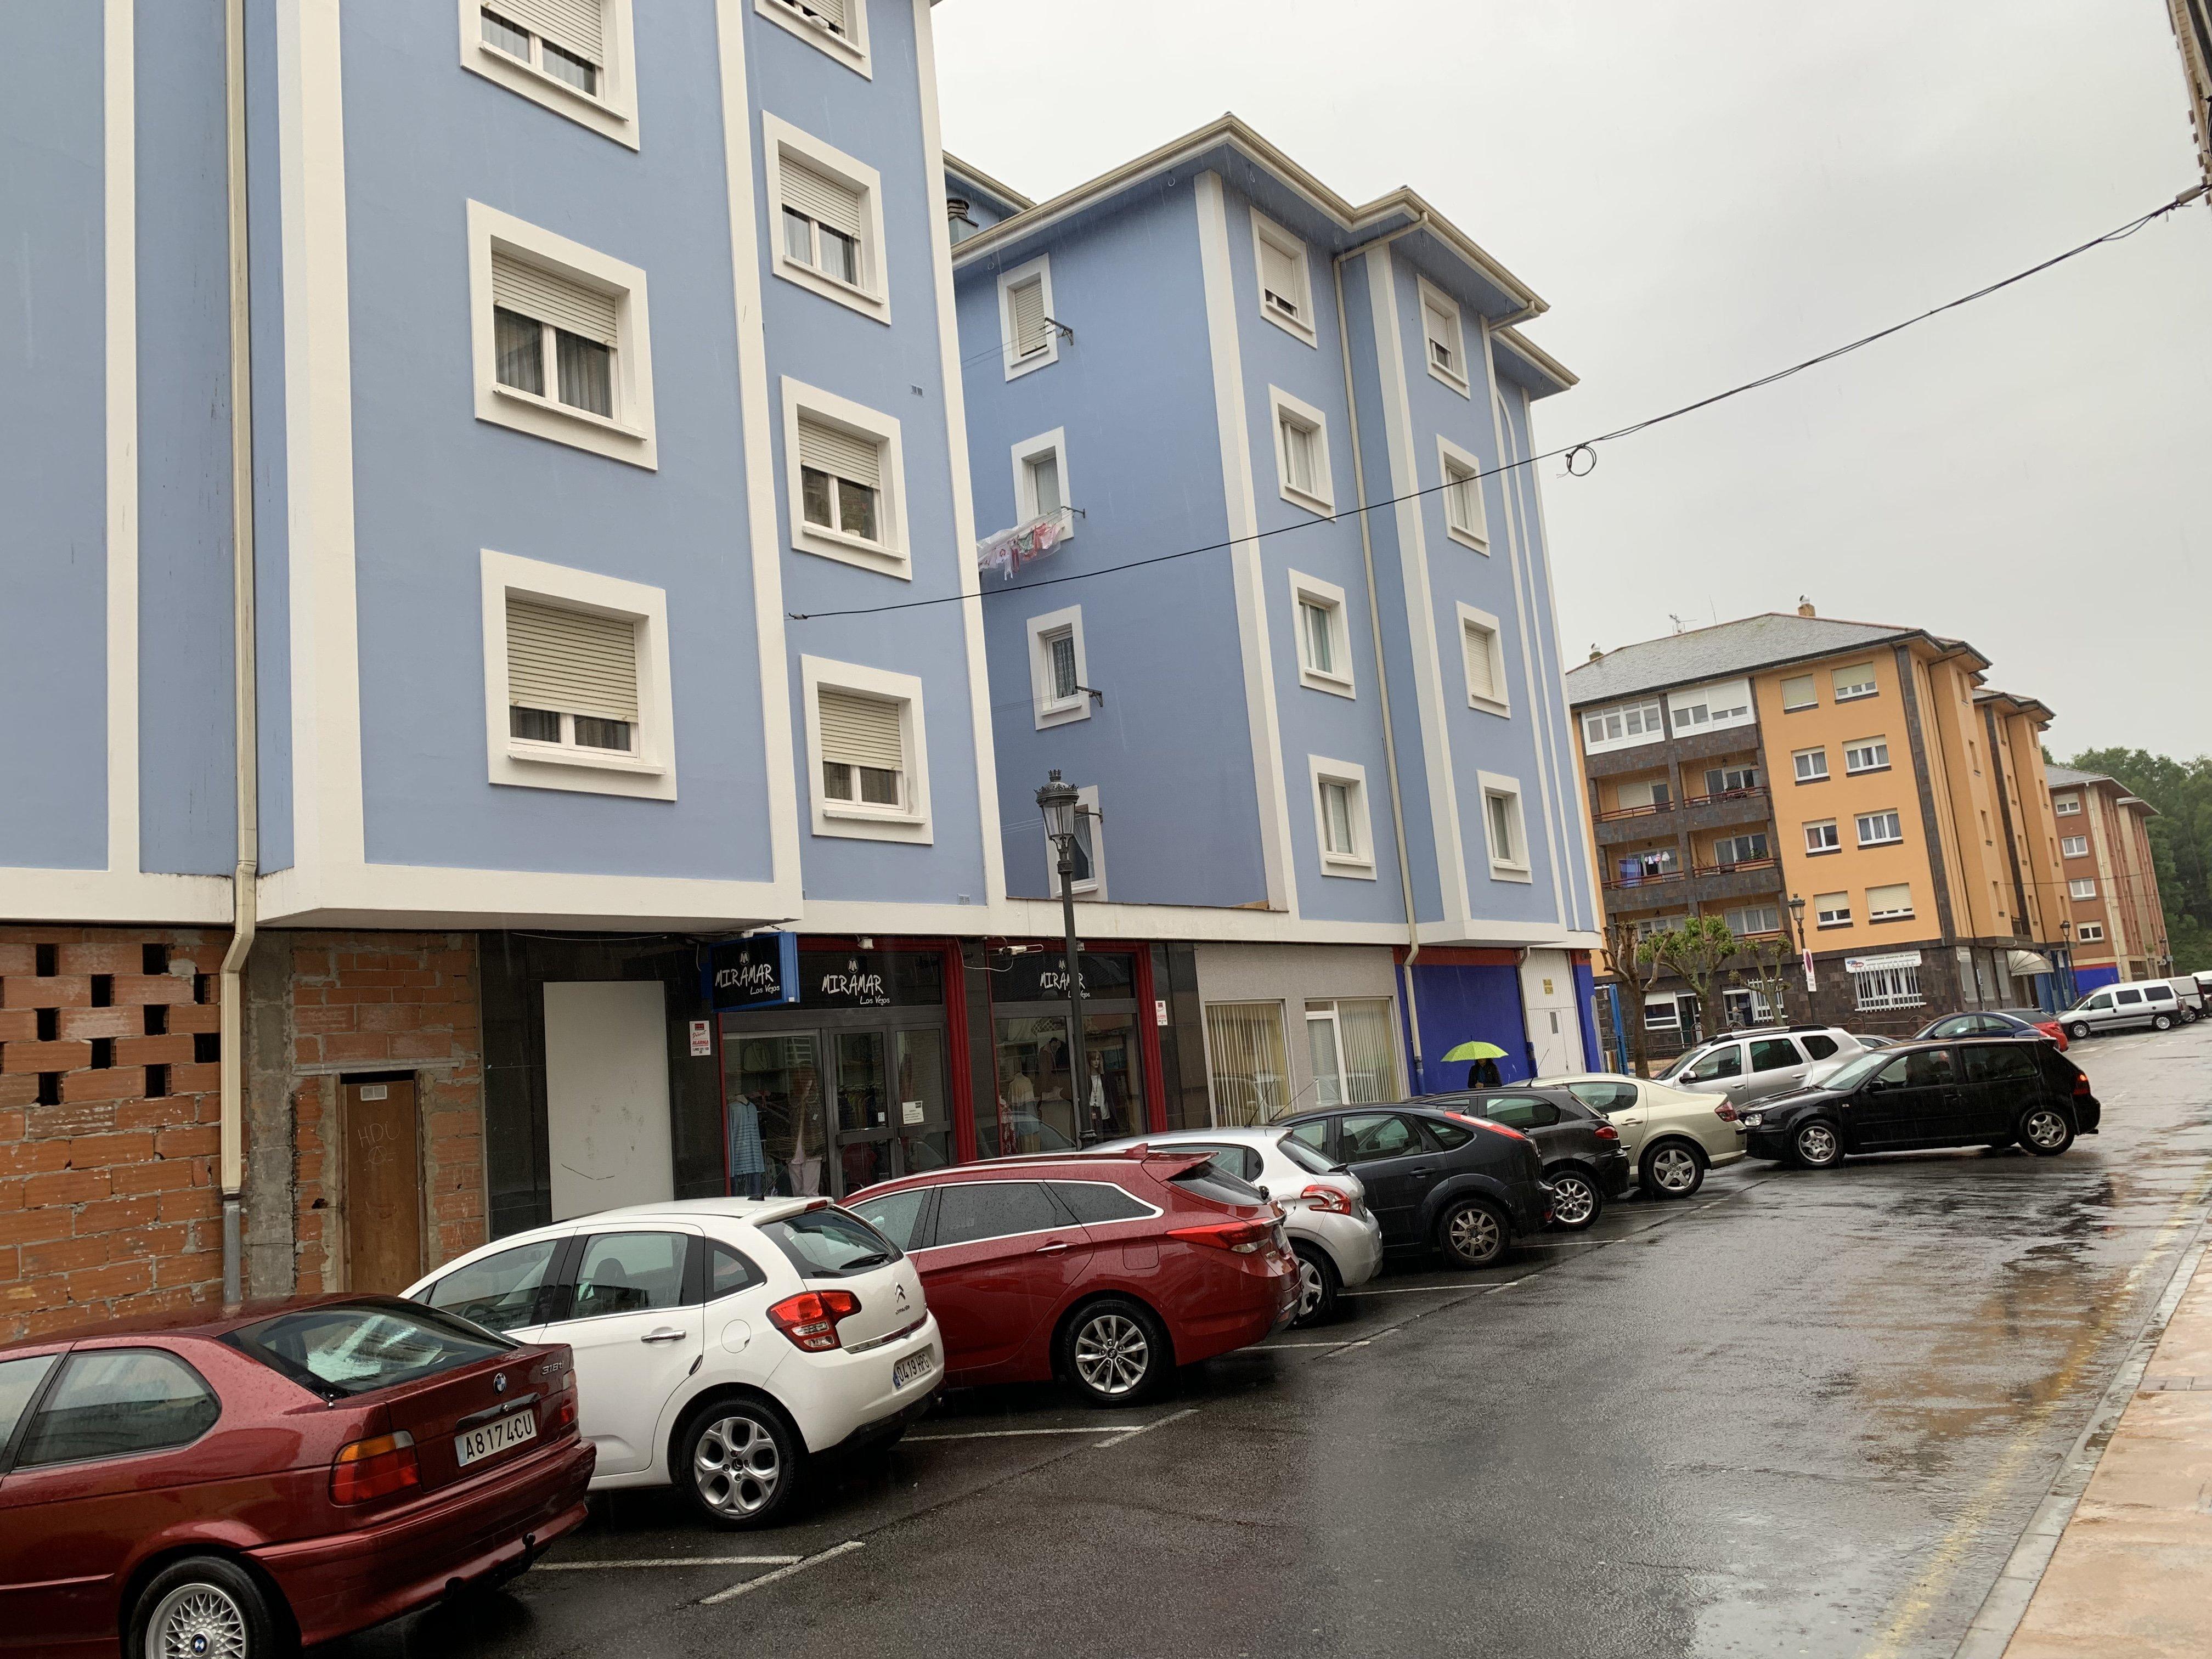 Sólo unos pocos vecinos de Las Veigas de Navia tuvieron oportunidad de adquirir en propiedad, una vivienda social